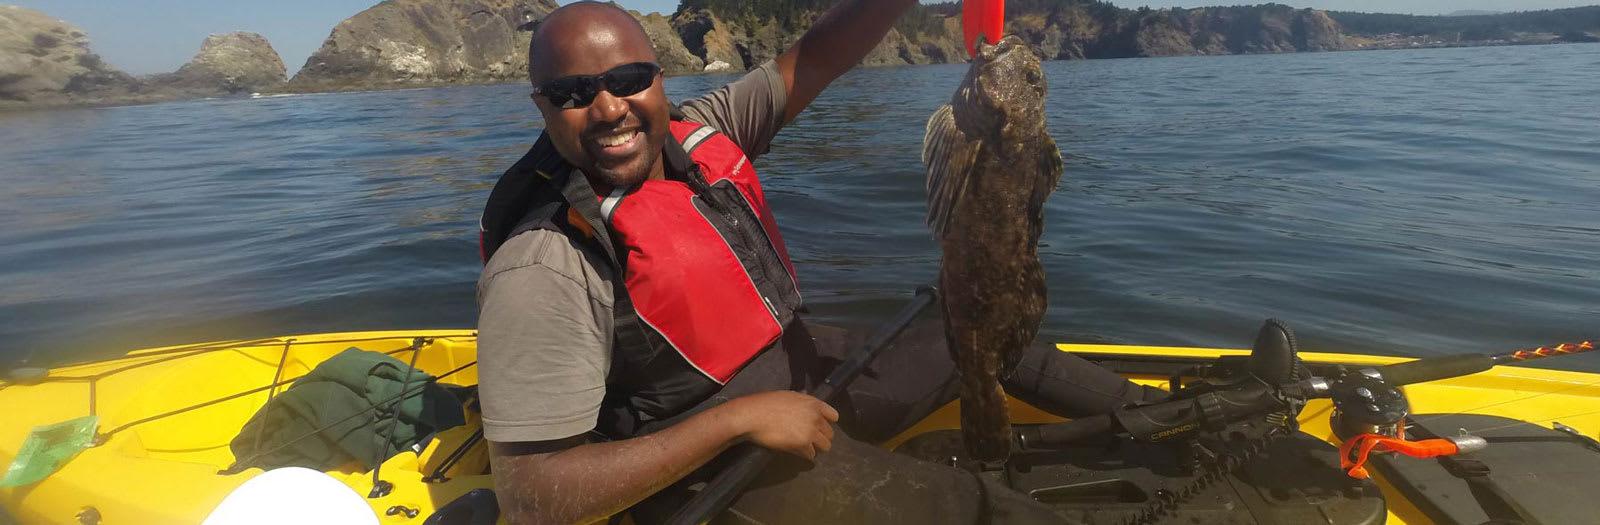 Brookings Ocean Kayak Fishing Tour